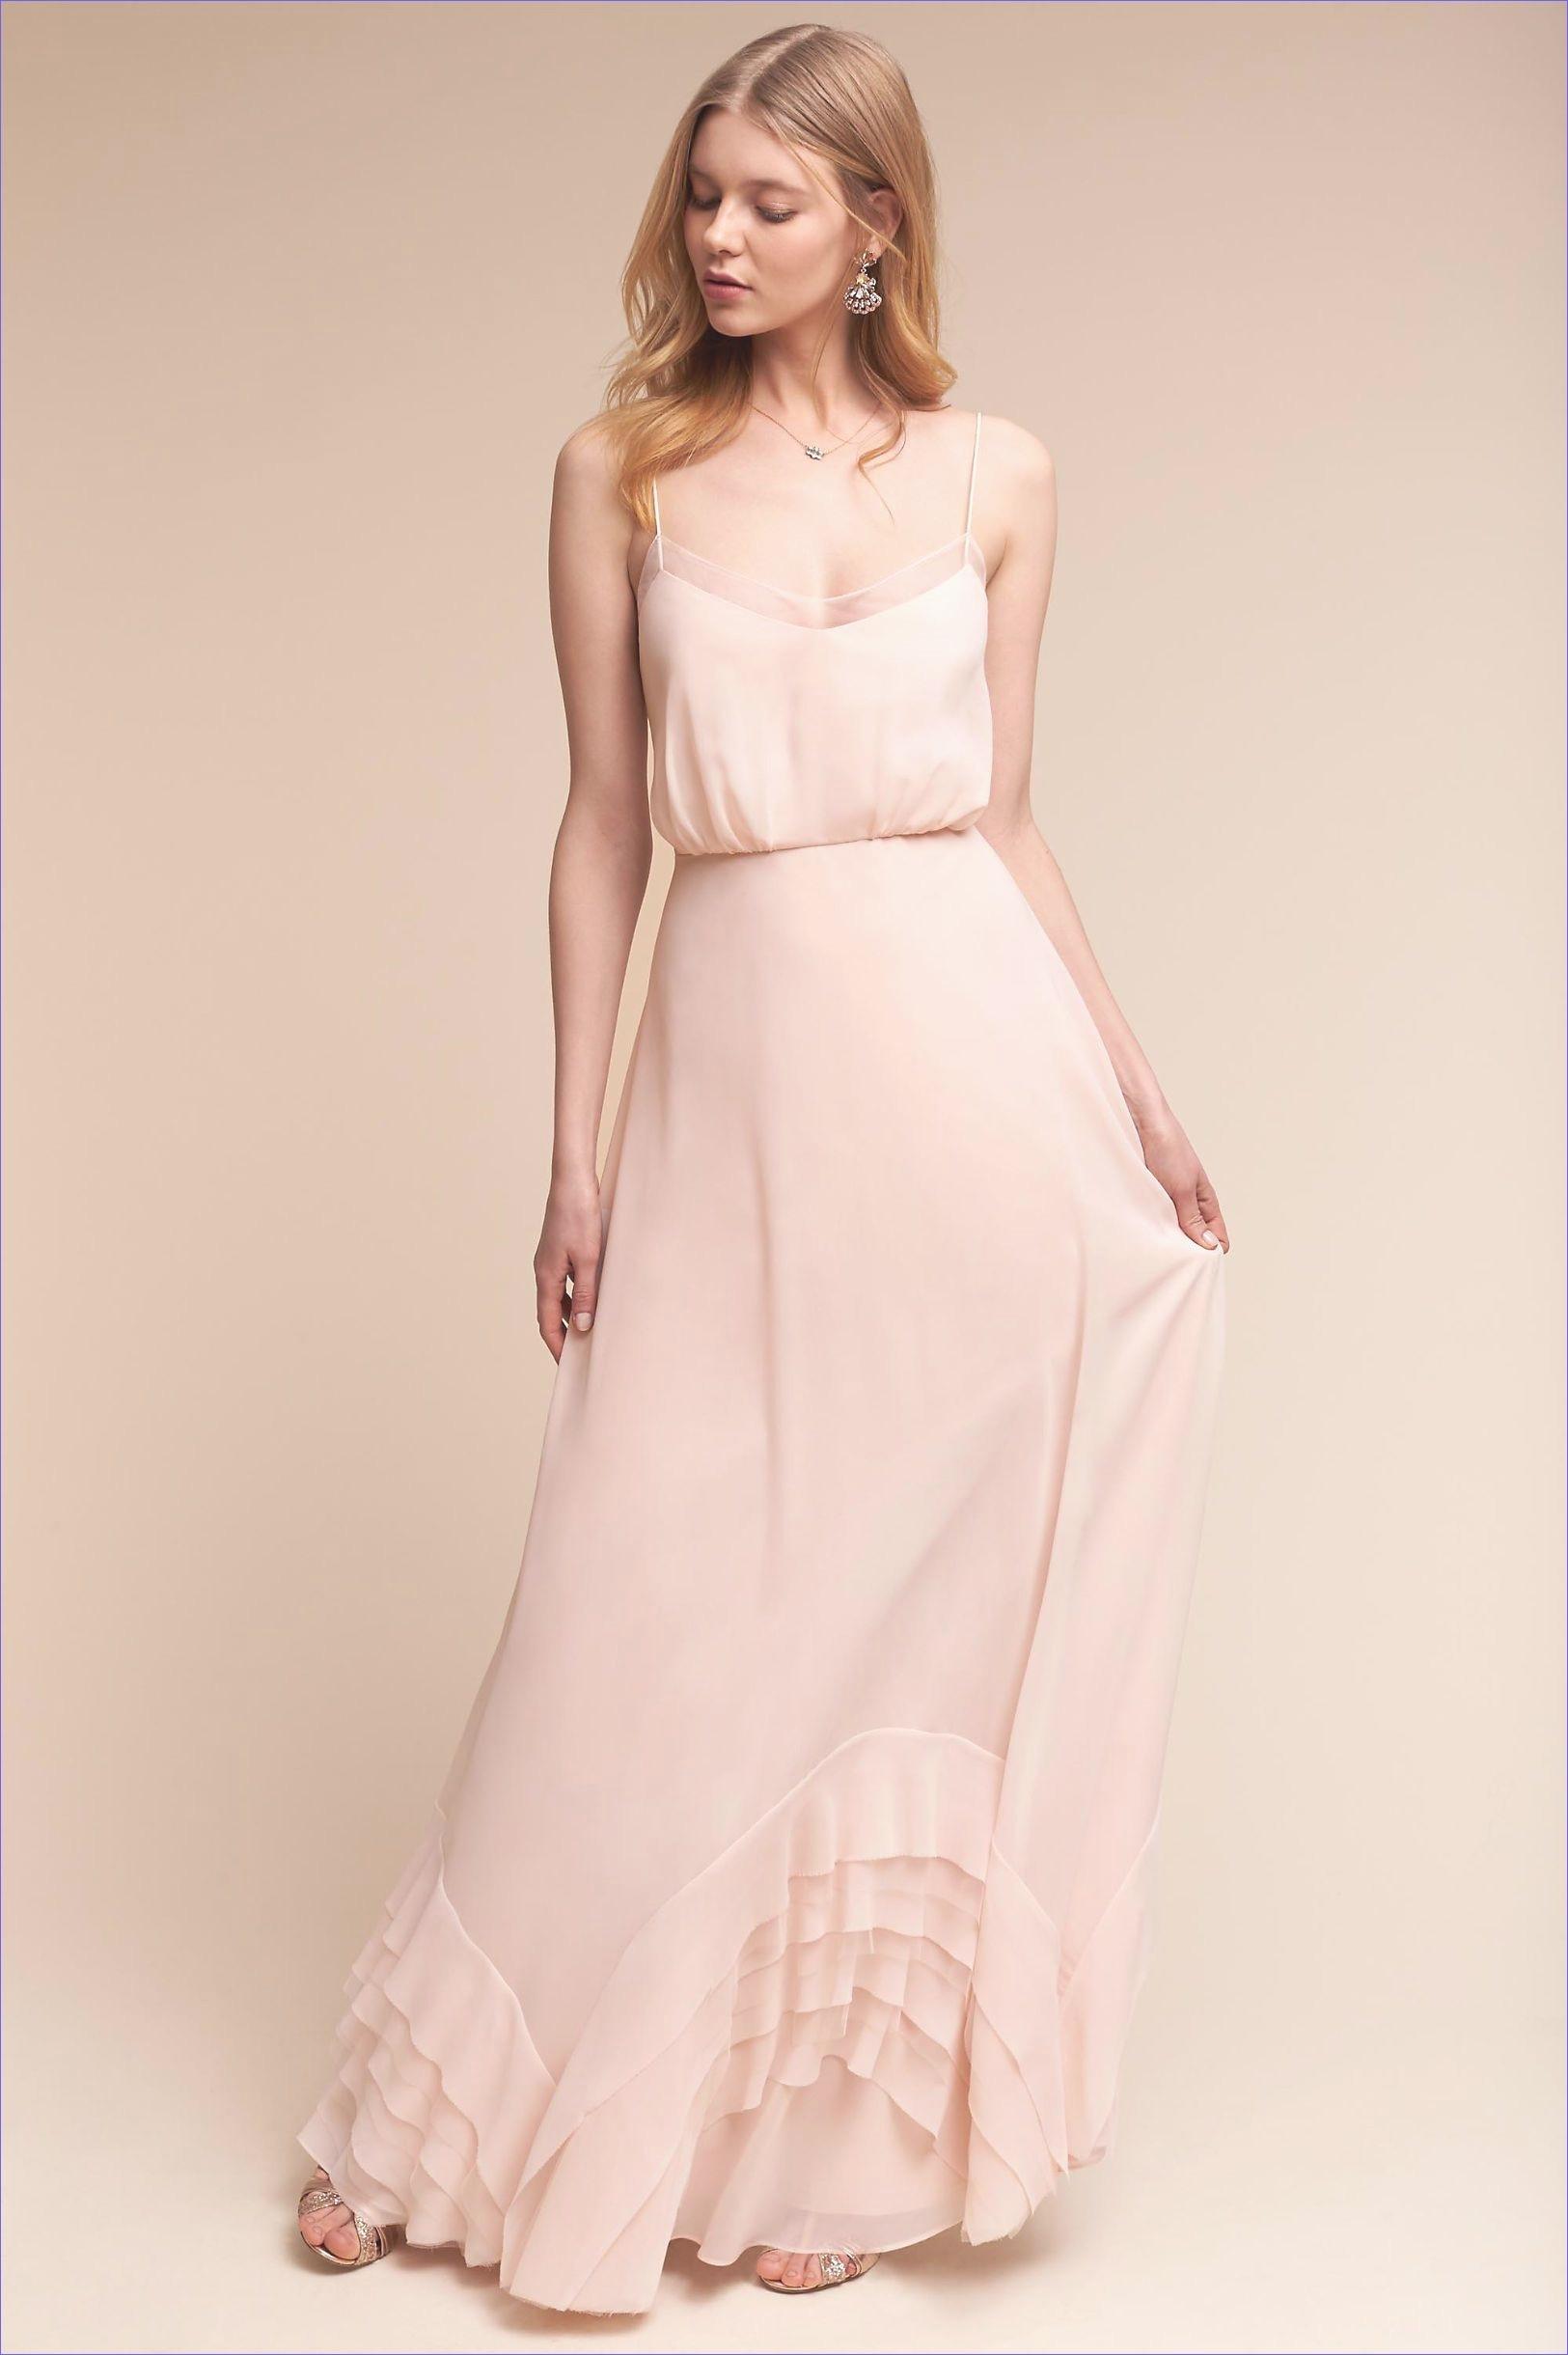 Formal Schön Damen Kleider Hochzeitsgast Stylish20 Schön Damen Kleider Hochzeitsgast Bester Preis